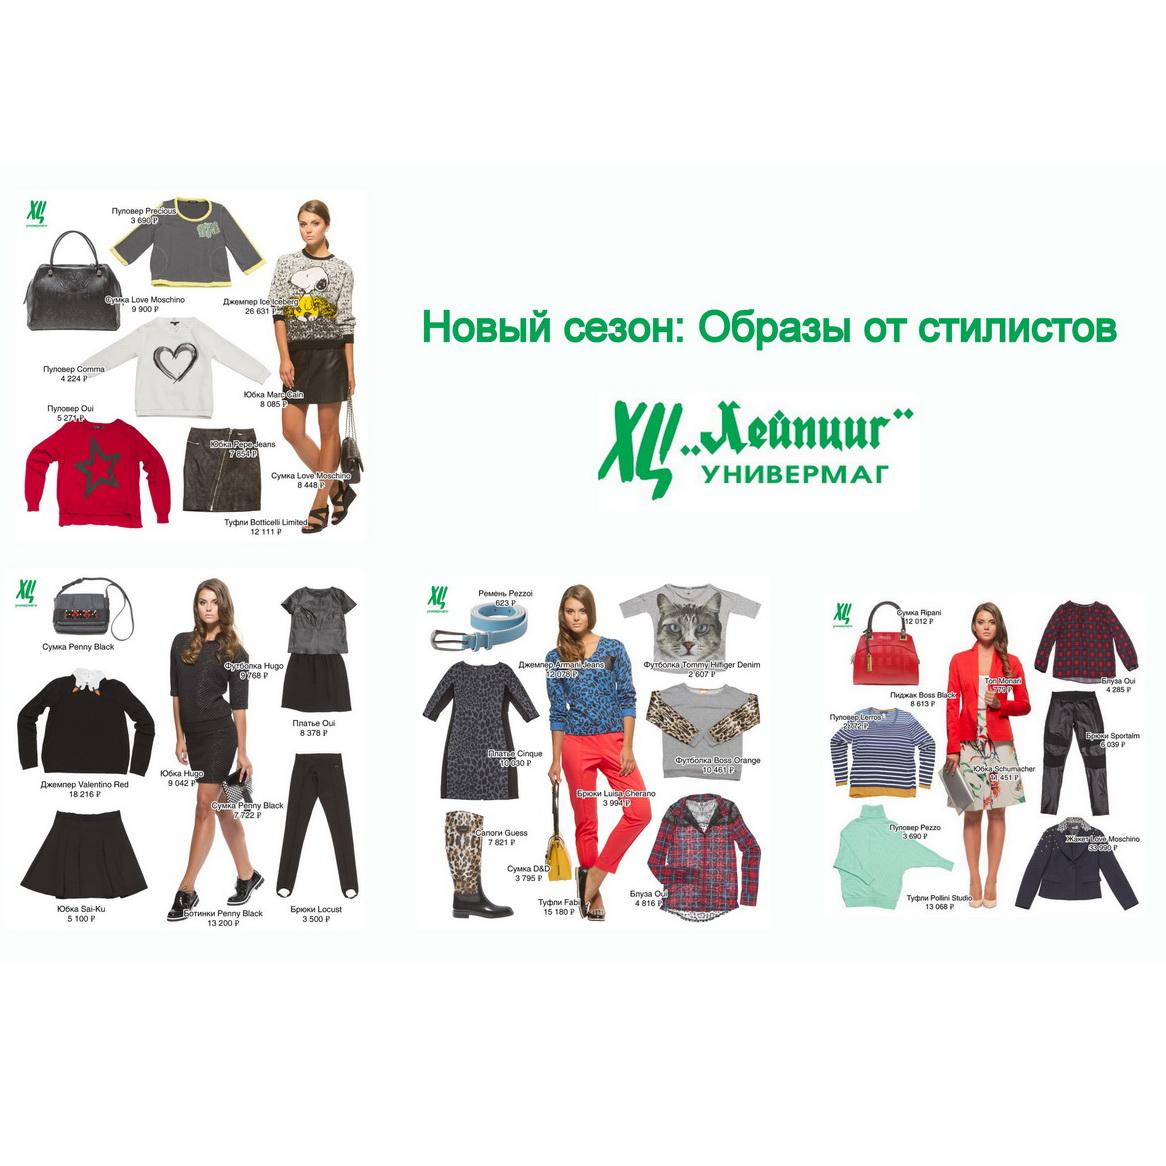 """Новый сезон с Универмагом ХЦ """"Лейпциг"""". Образы от стилистов"""